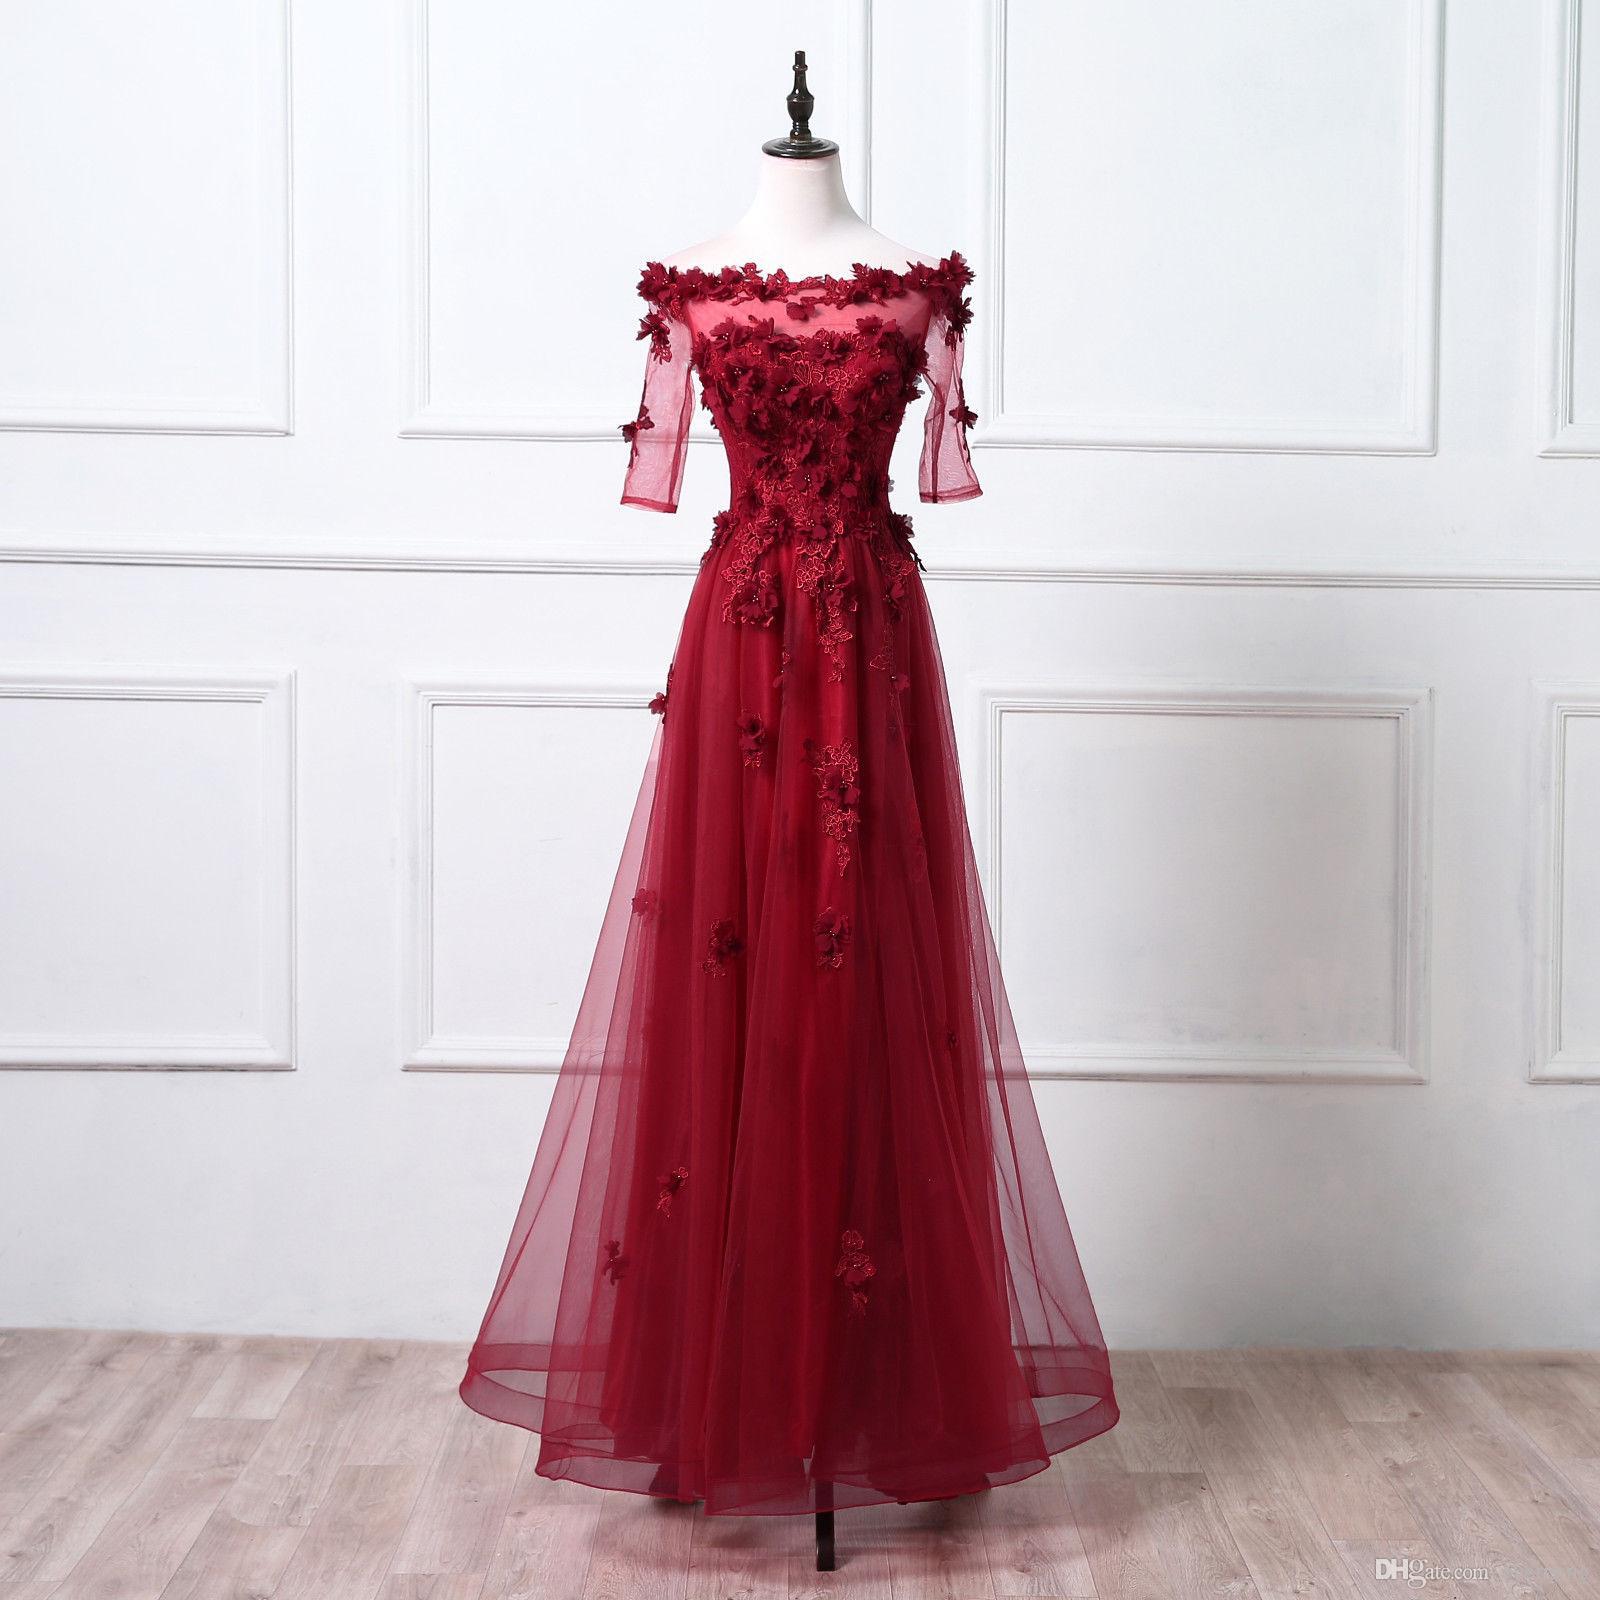 cd2354a00 Compre Modabelle Elegante Vestido De Noche Robe De Soiree La Novia Borgoña  Flor De Encaje Rebordear Fiesta Larga Vestidos De Baile Personalizados A   99.2 ...